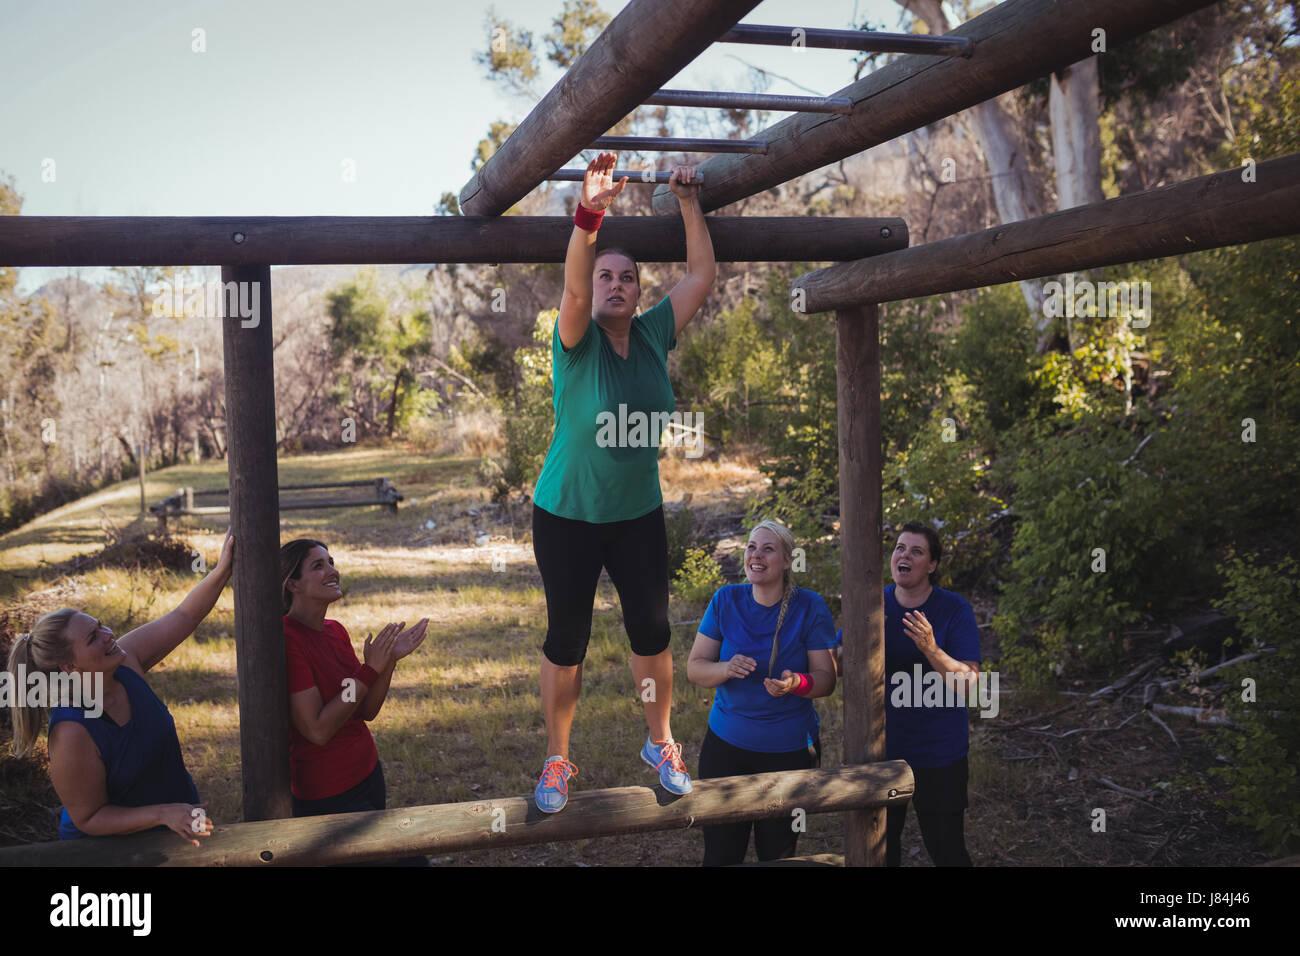 Klettergerüst Training : Bilder mittlerer erwachsener frau training auf